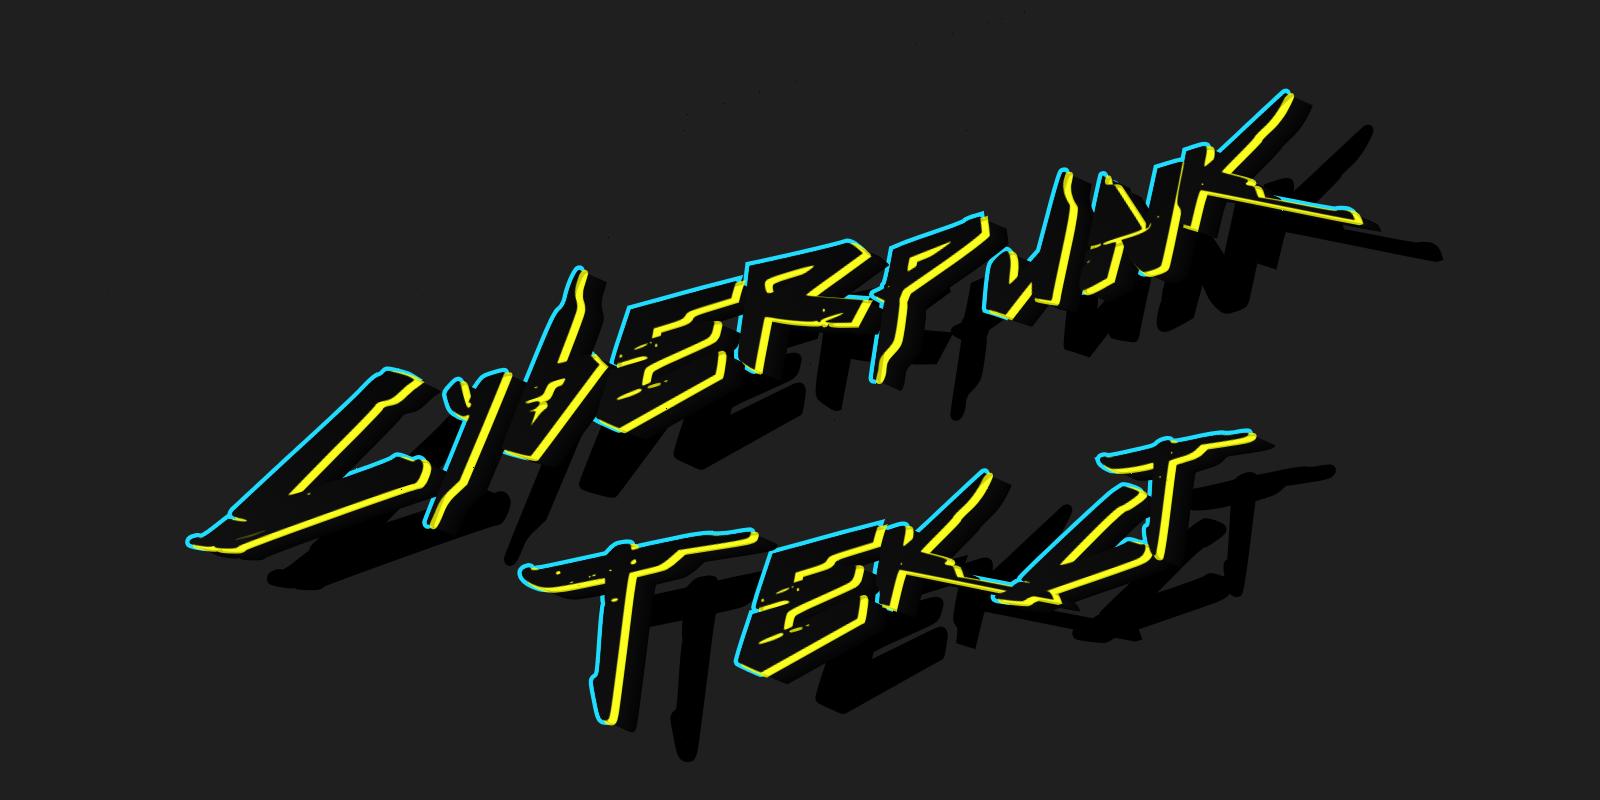 Make online best cool font logo effect text 3d cooltext